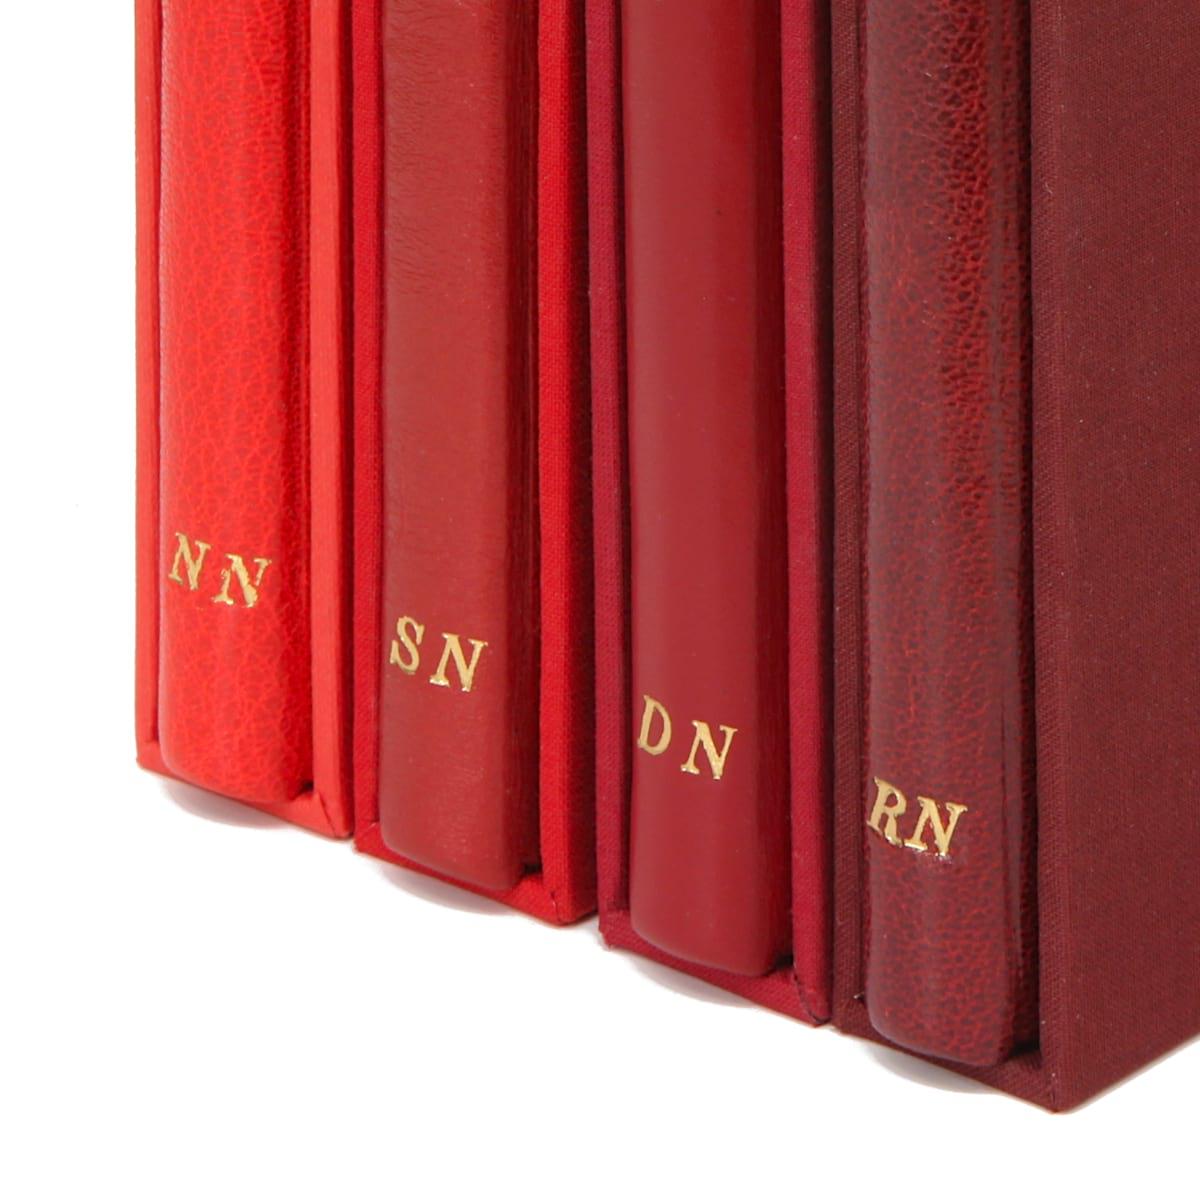 Zbiór książek Twaina Marka, Pamiętniki Adama i Ewy z inicjałami na grzbiecie